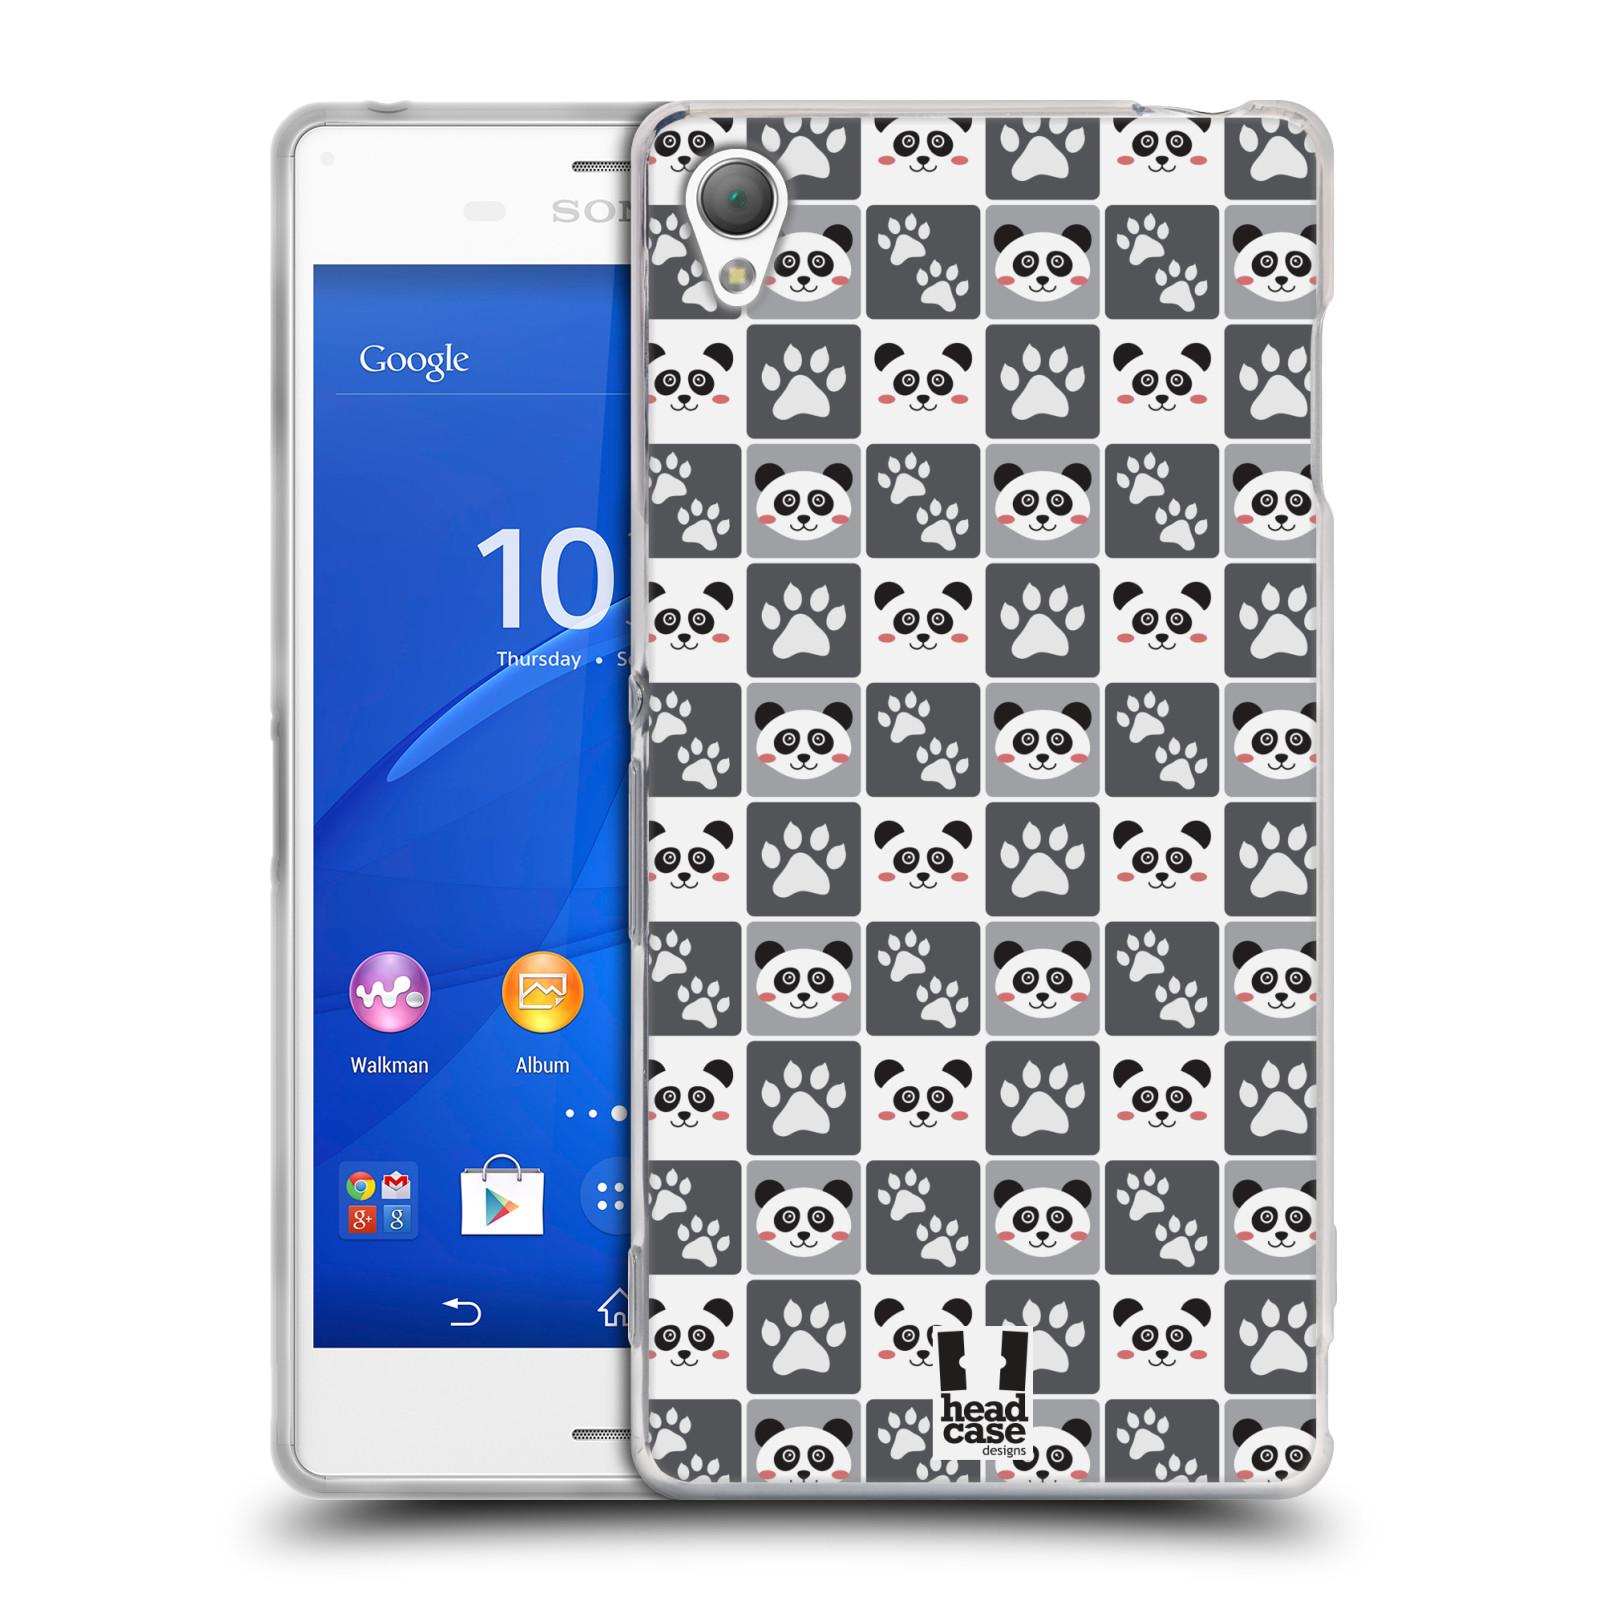 HEAD CASE silikonový obal na mobil Sony Xperia Z3 vzor Zvířecí razítka MEDVÍDEK PANDA